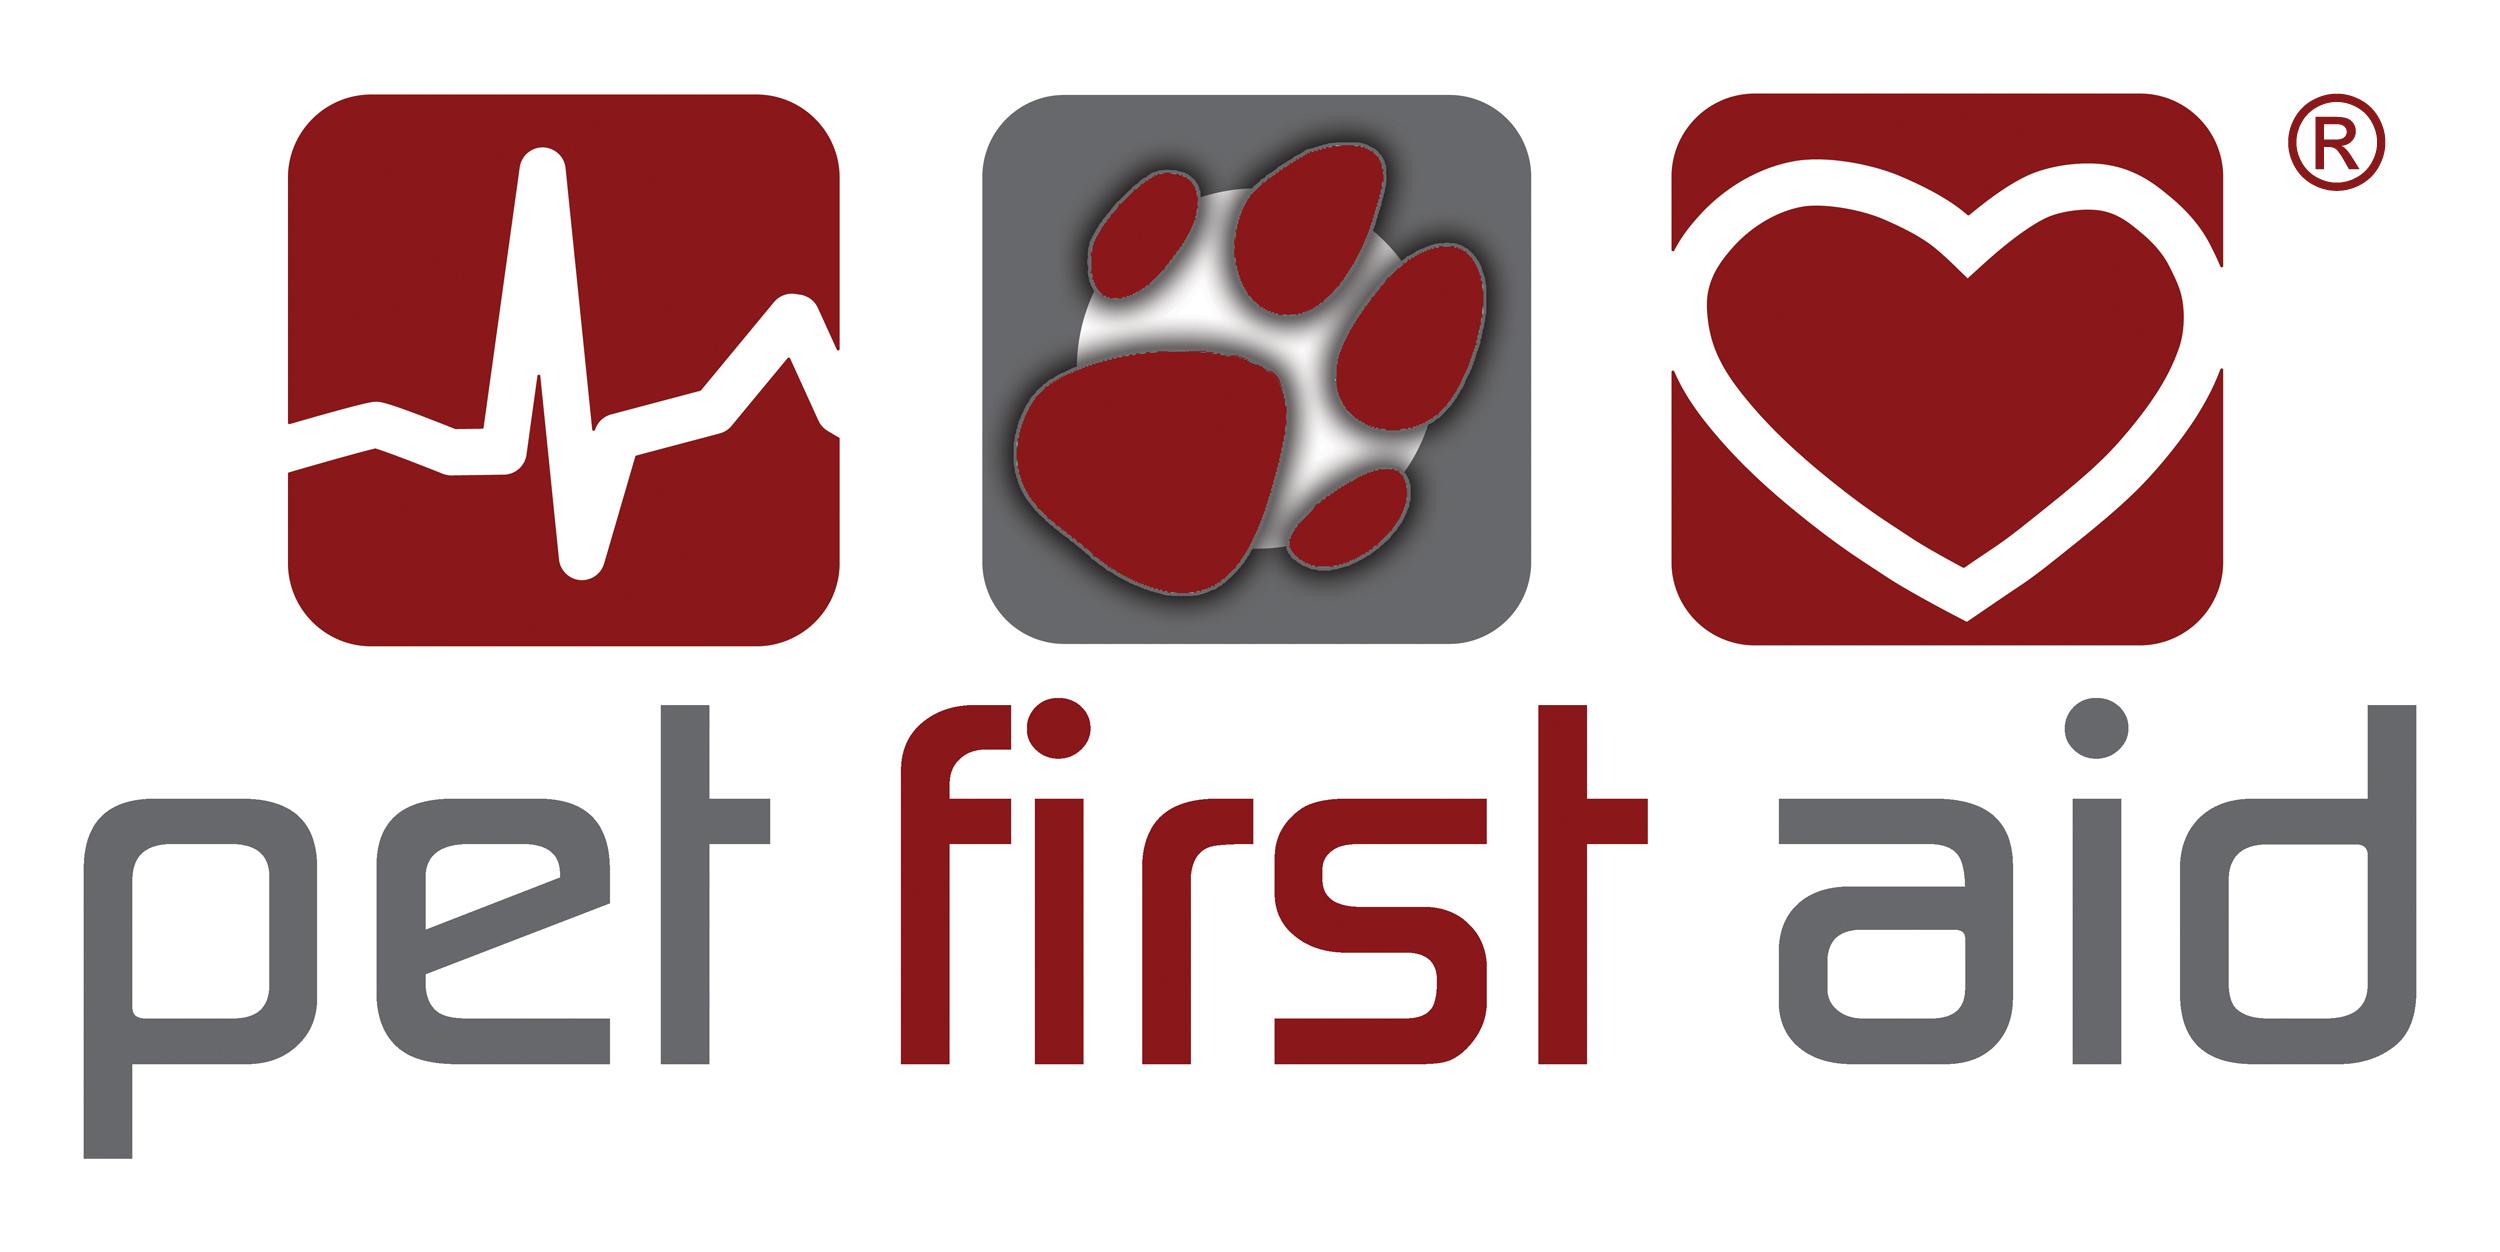 pet first_aid_300dpi_RGB